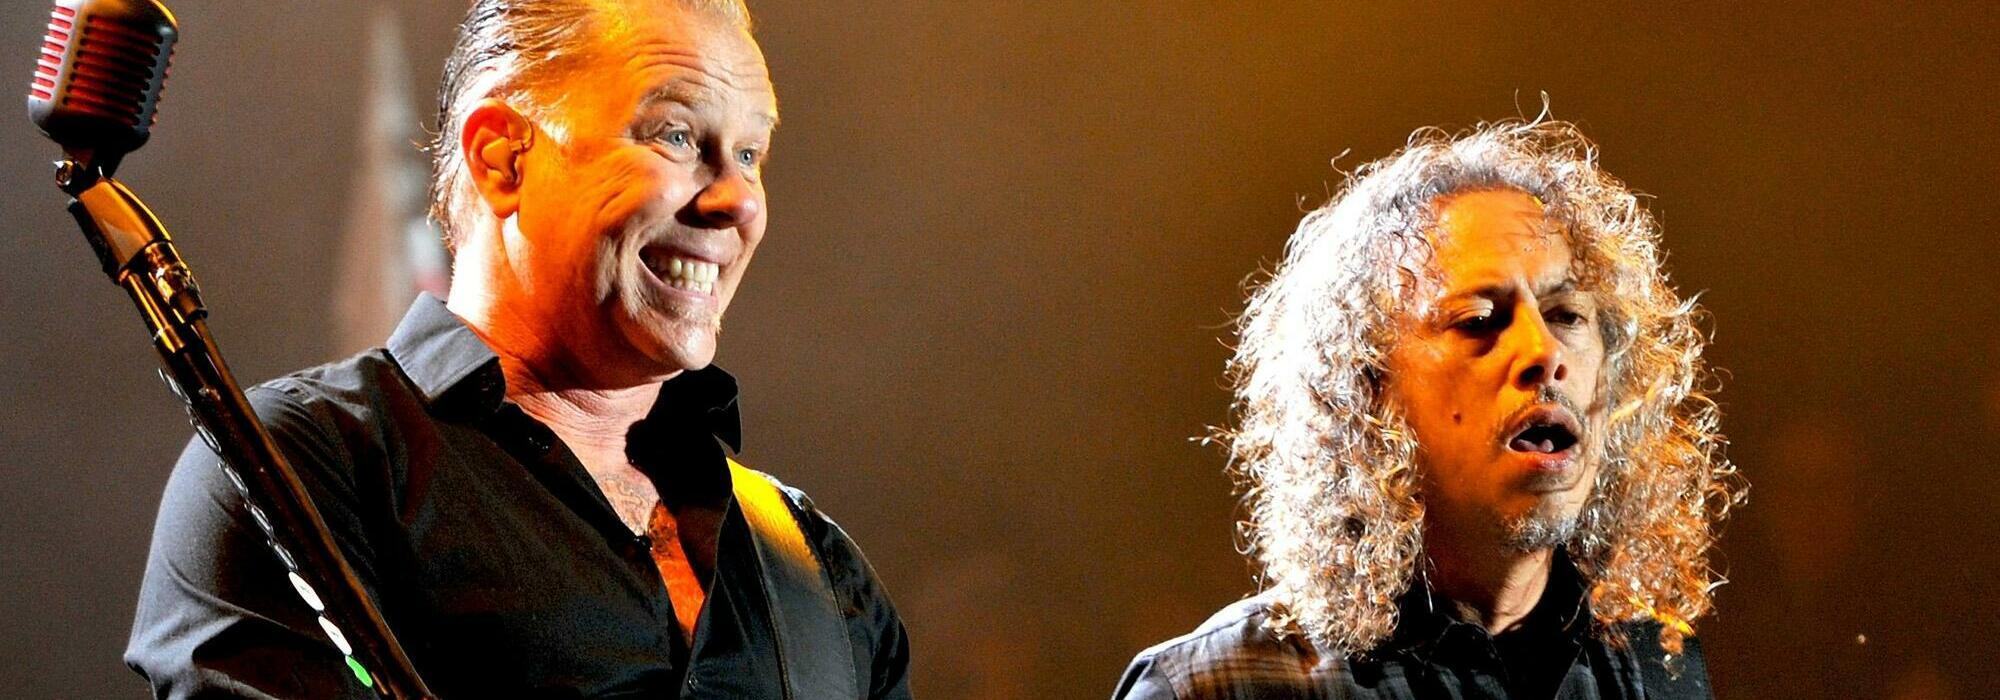 A Metallica live event